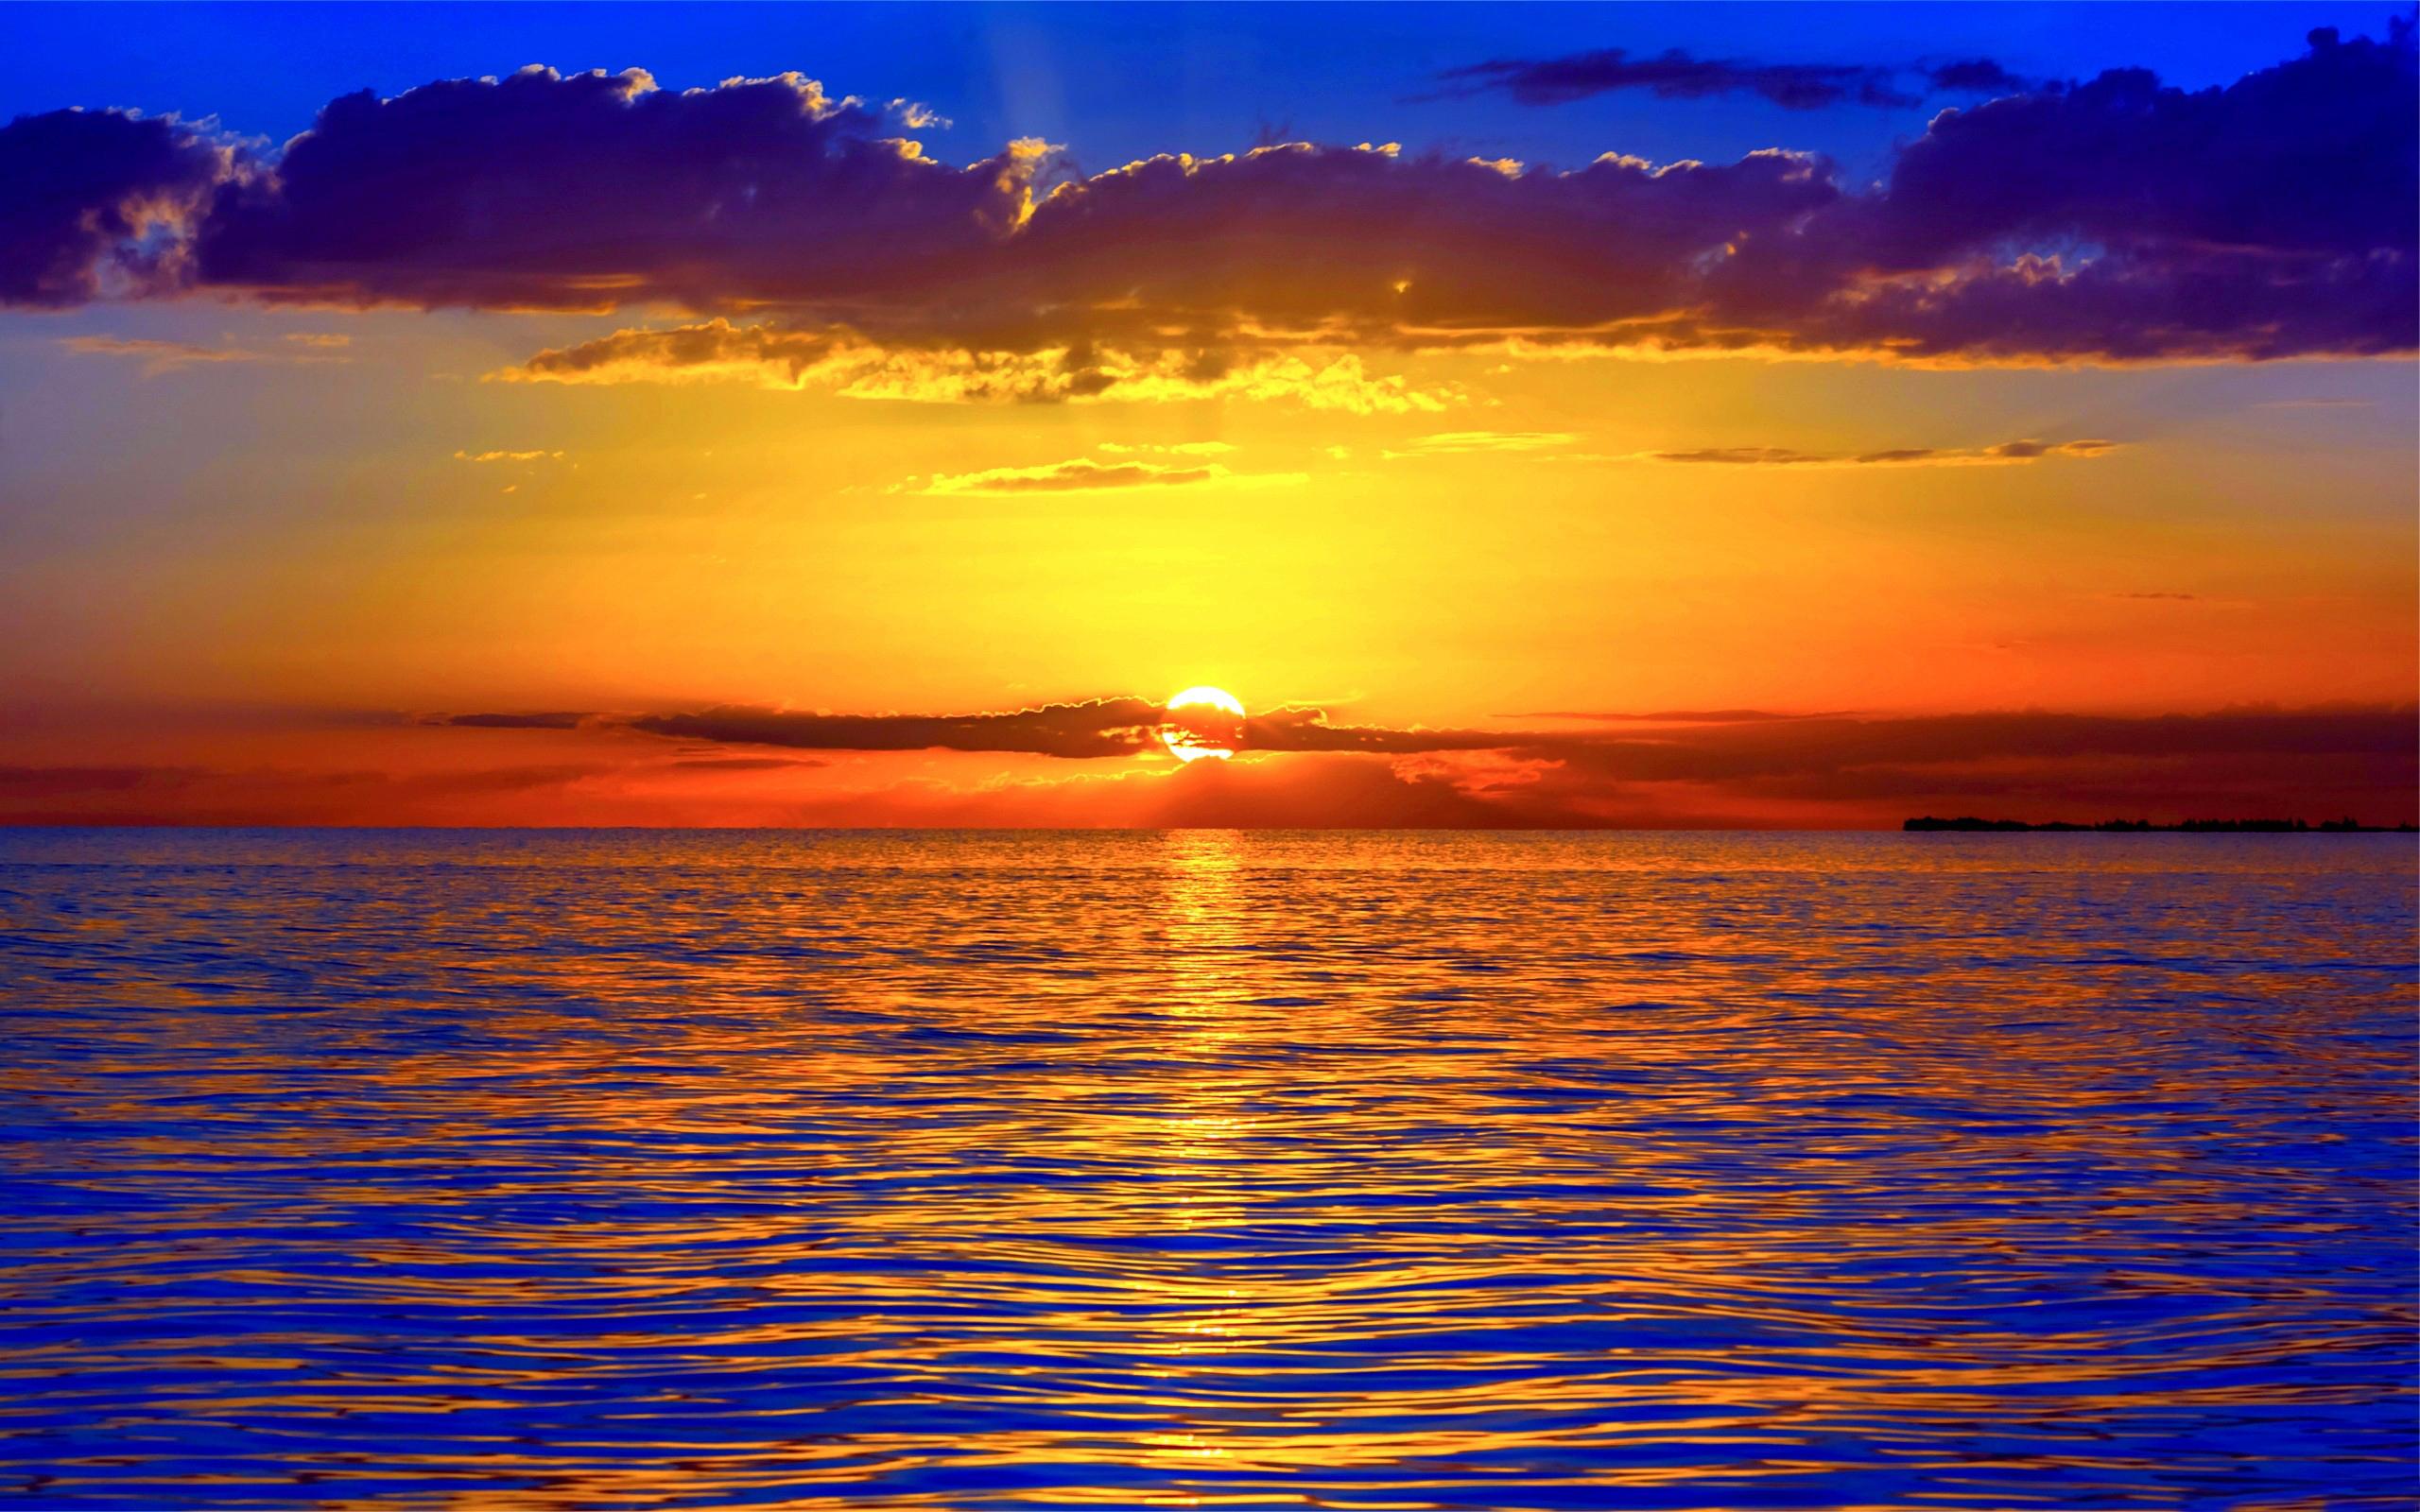 картинки море рассветы и закаты тайны